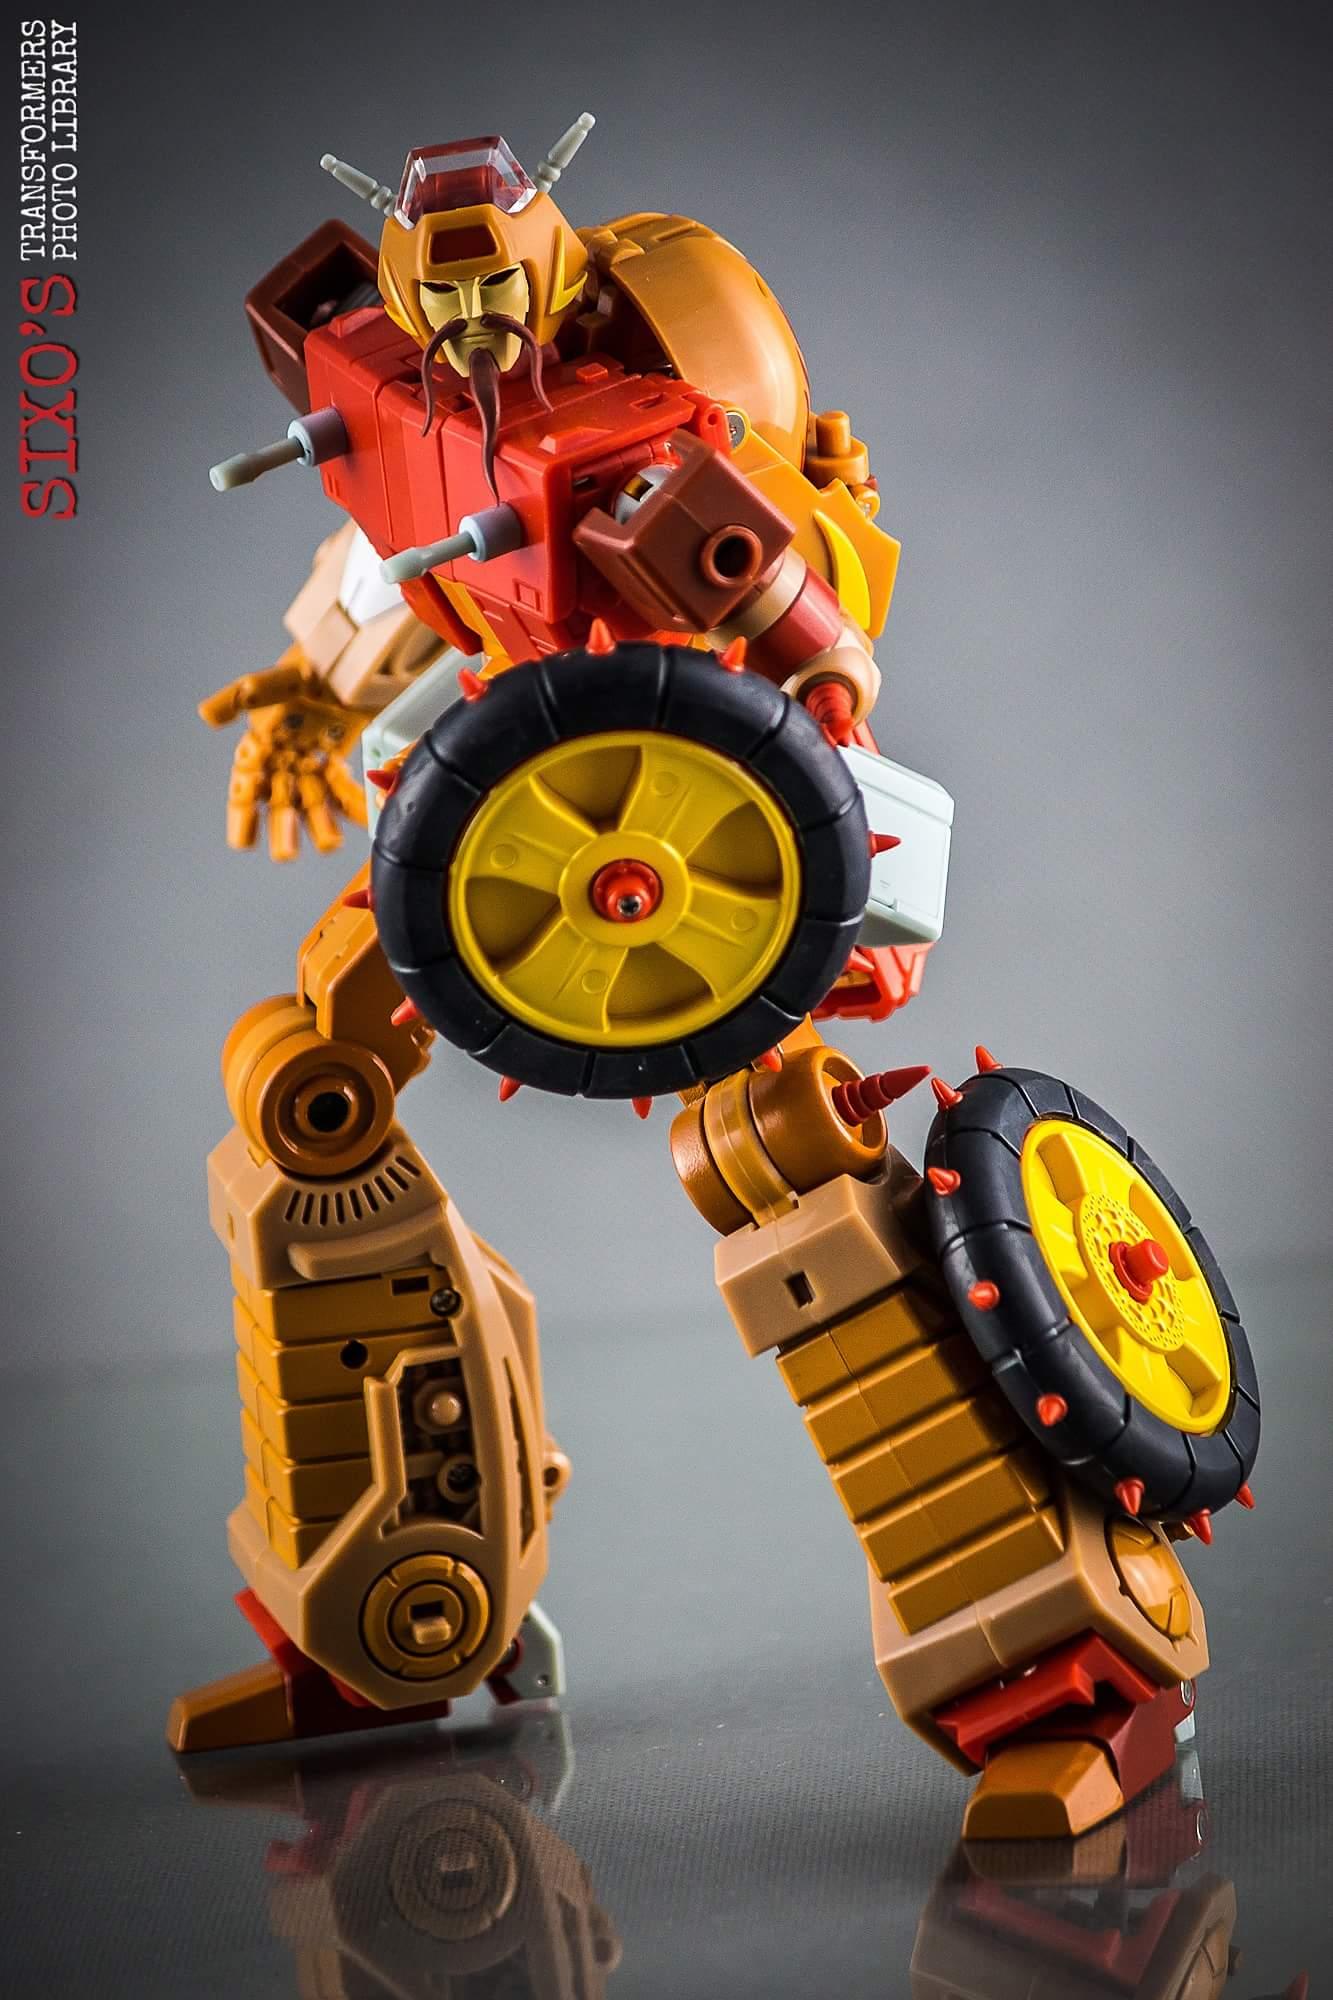 [KFC Toys] Produit Tiers - Jouets Crash Hog (aka Wreck-gar/Ferraille), Dumpyard (aka Junkyard/Décharge) et autres Junkions/Ferrailleurs - Page 2 Vn25vgHw